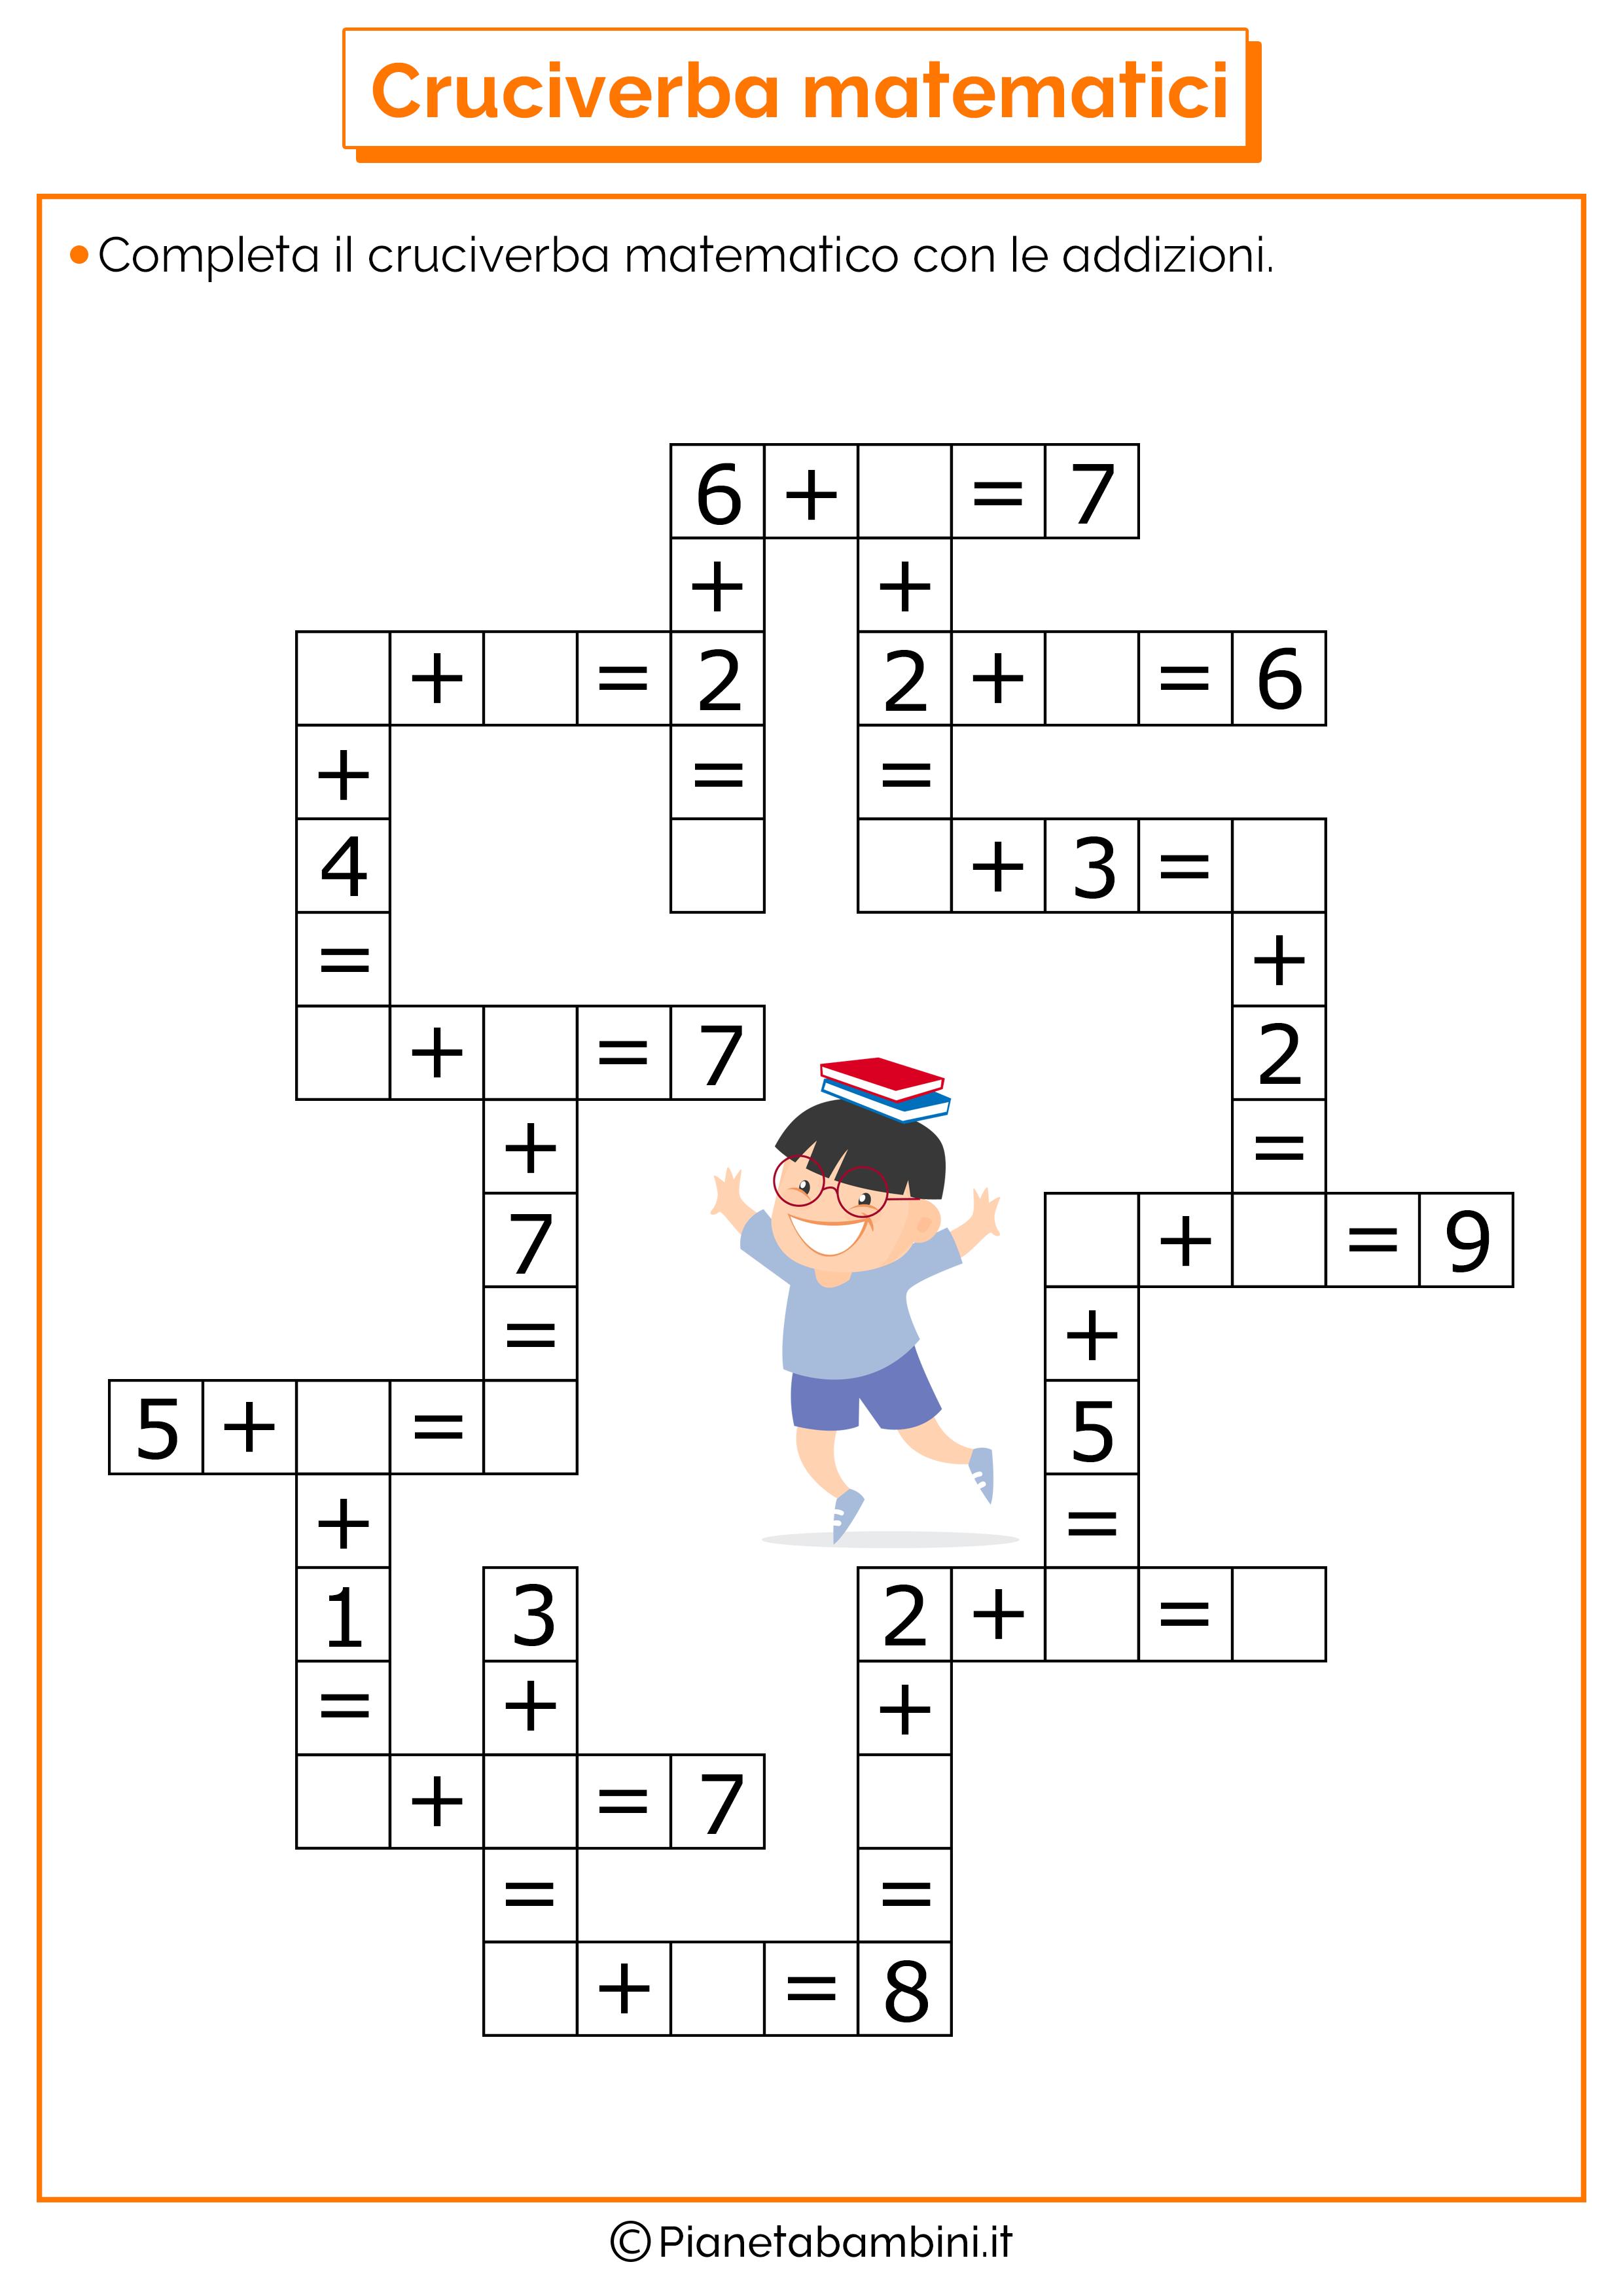 98 Cruciverba Con Disegni Per Bambini Da Stampare 3 Cruciverba Per